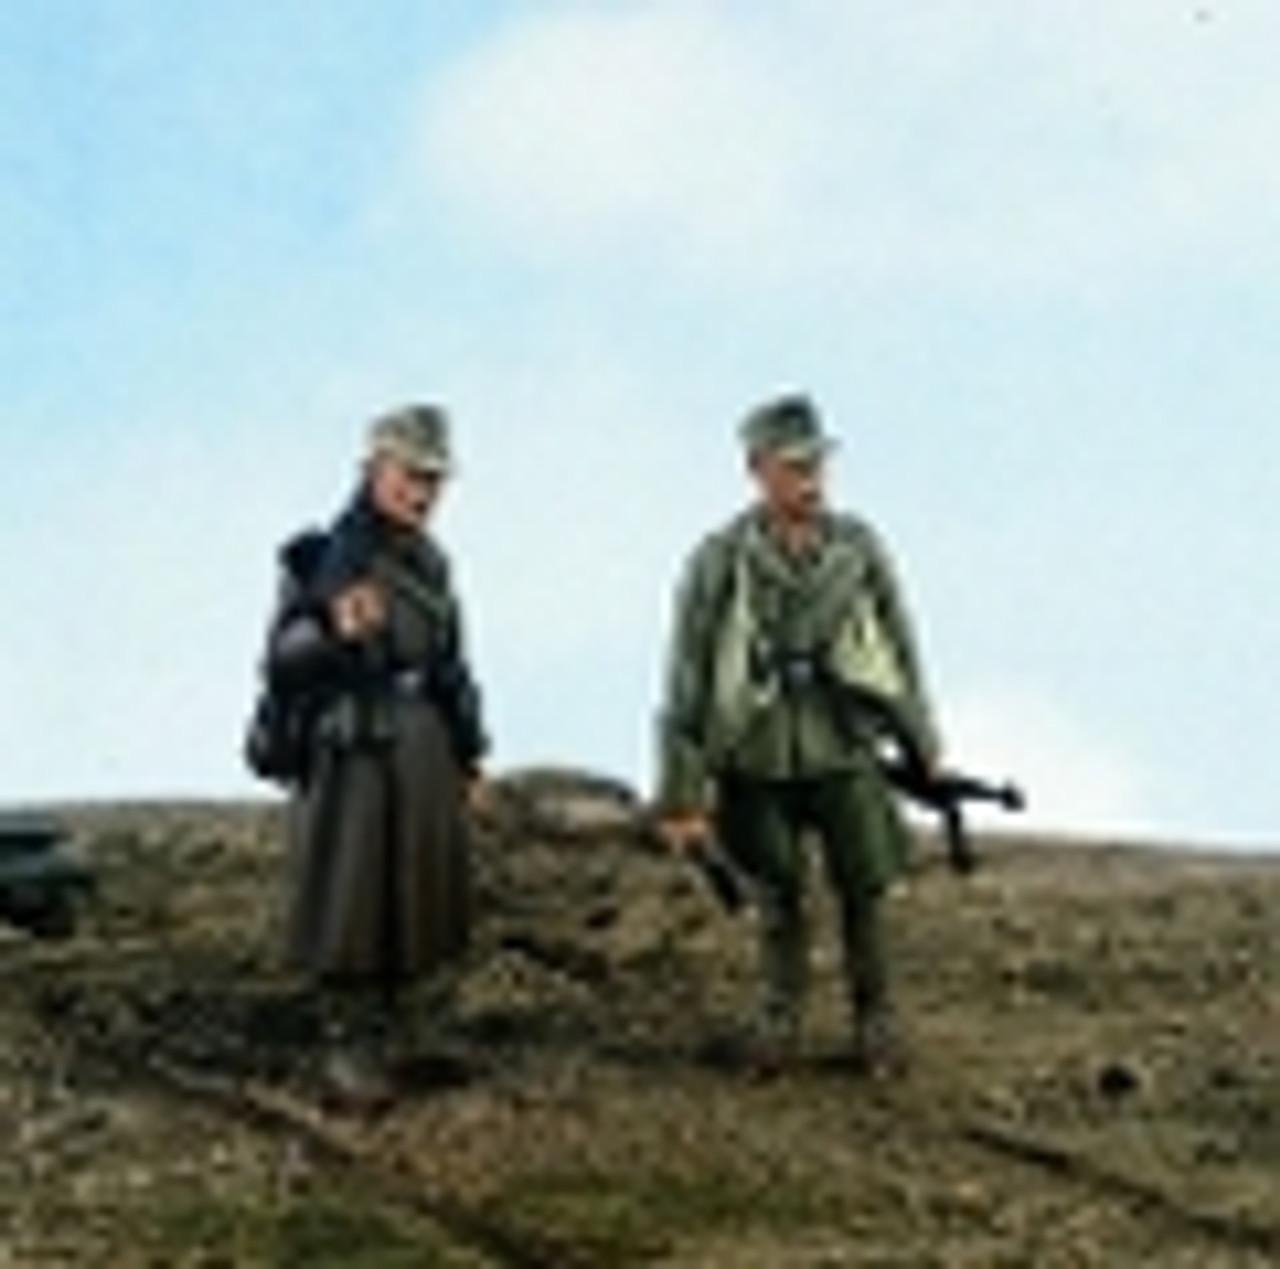 1/35 Resin Figures & Troops